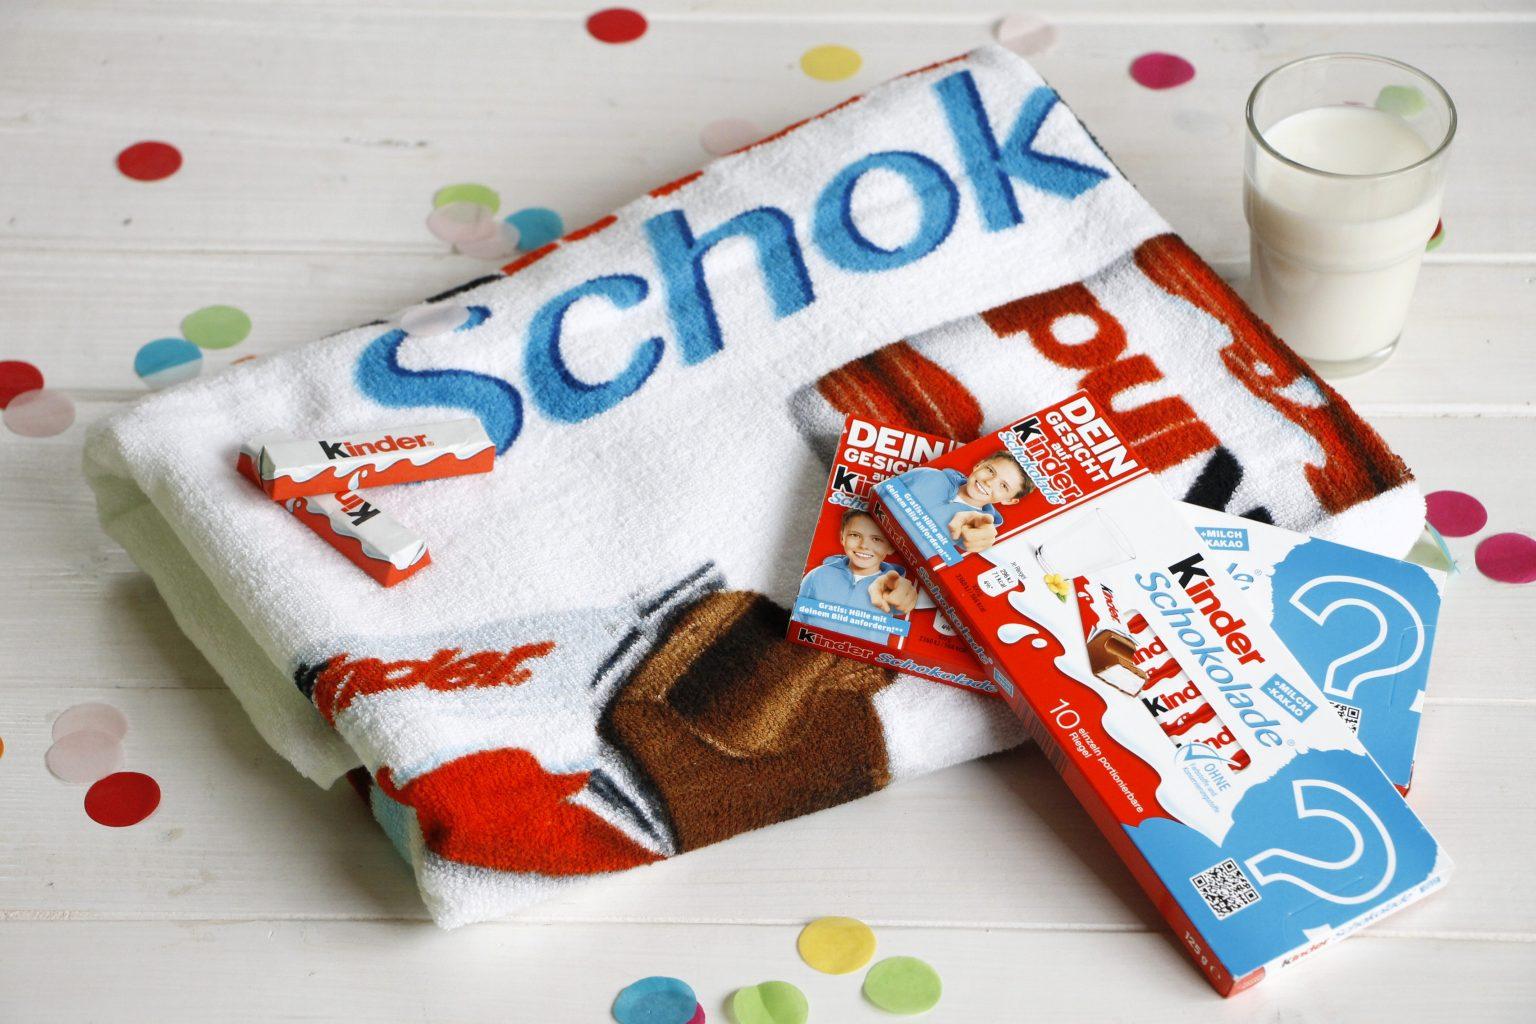 kinder Schokolade Gewinnspiel - kinder Schokolade Handtuch